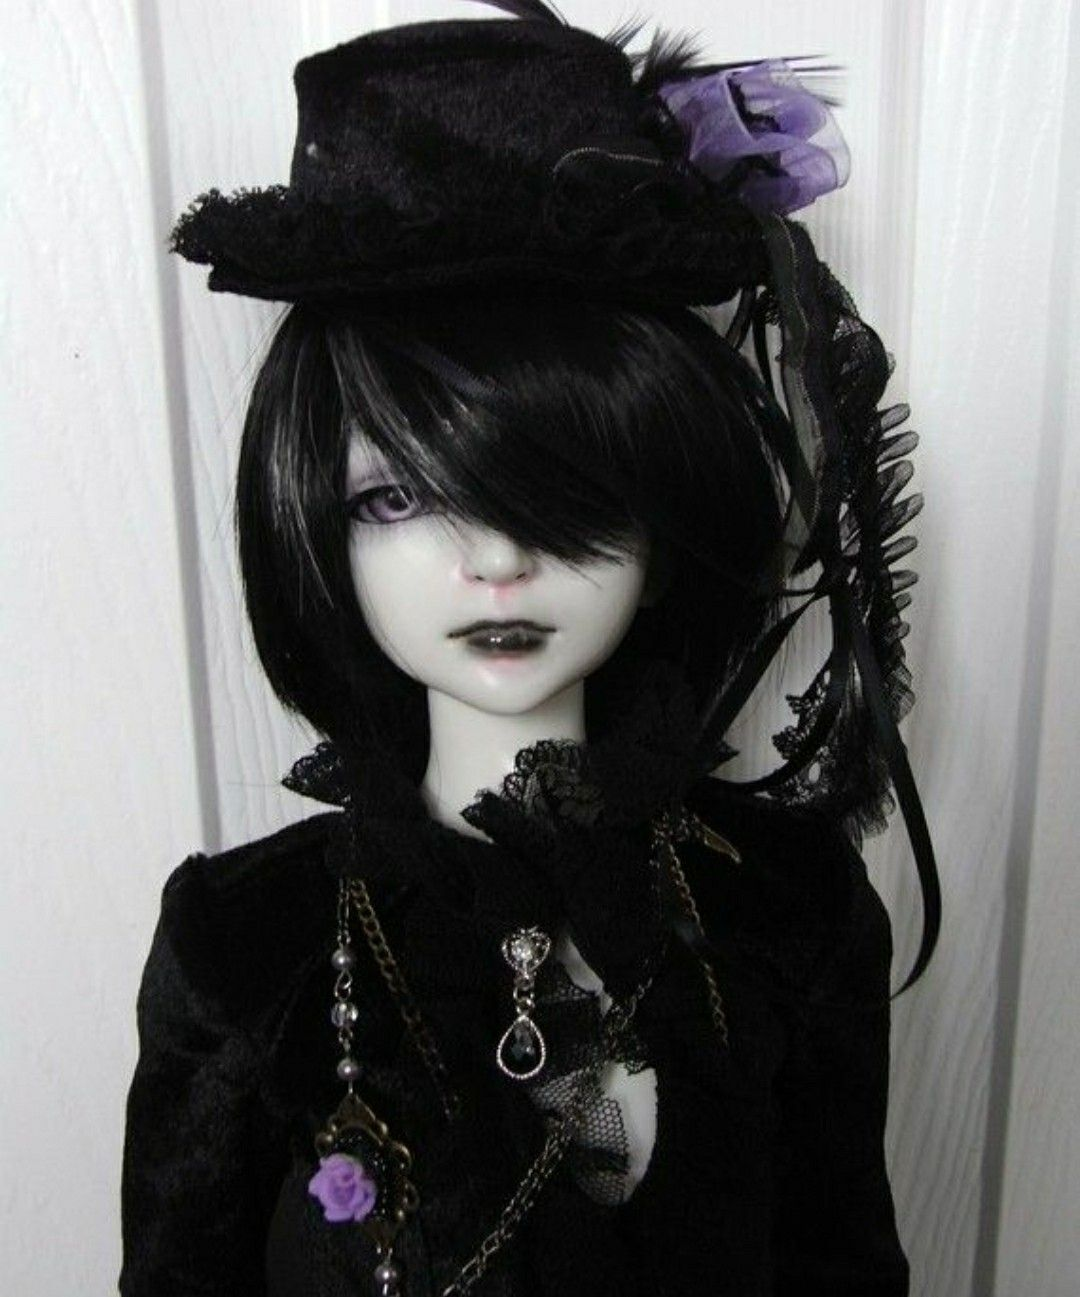 картинки готических кукол с короткими волосами что приходит голову